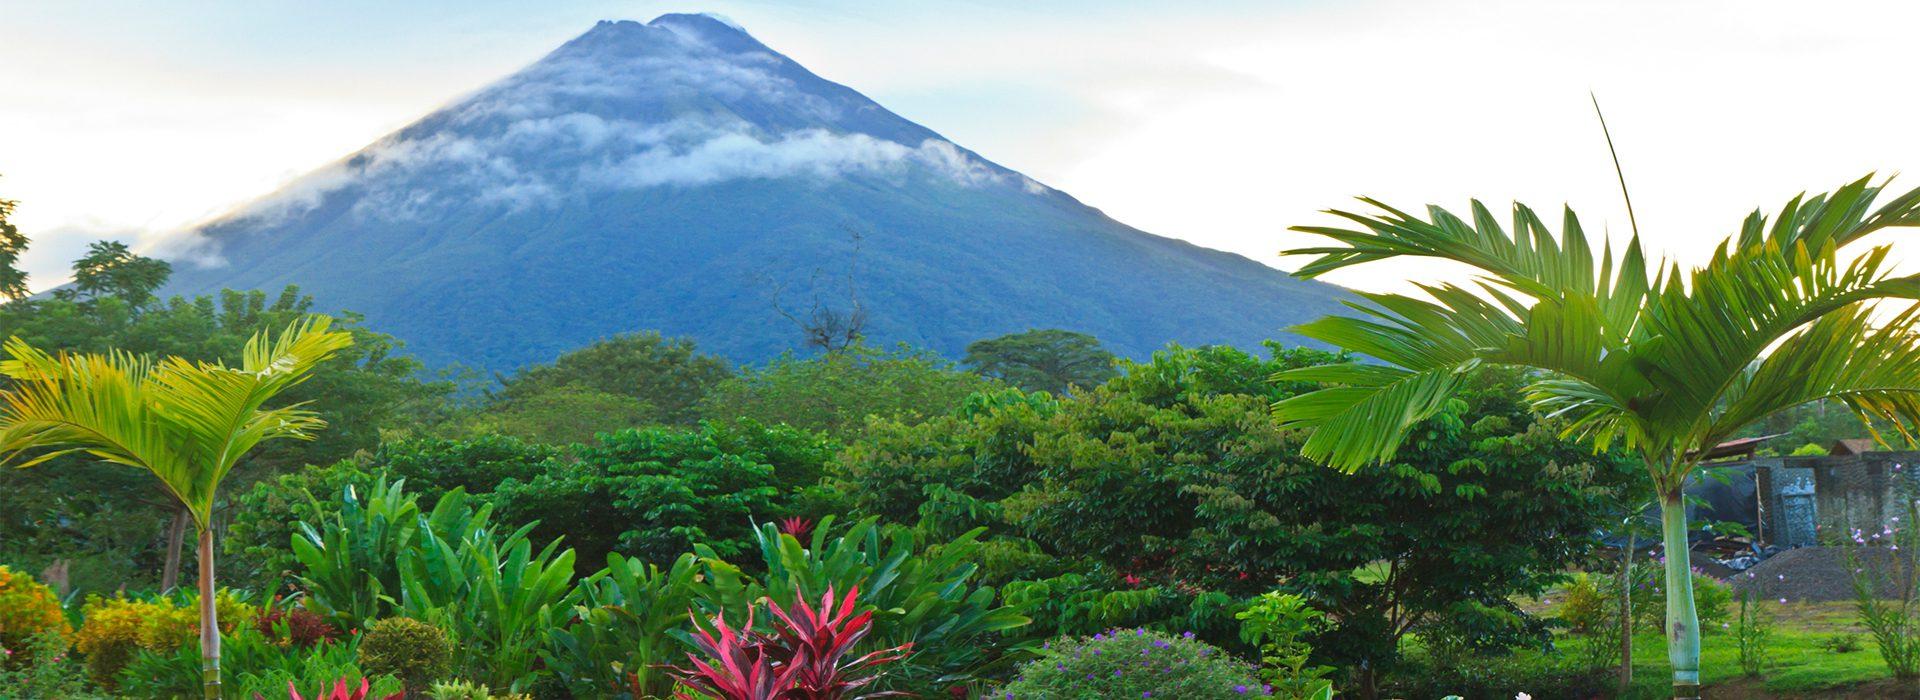 Postal desde Costa Rica: donde la vida silvestre y la naturaleza brillan con luz propia